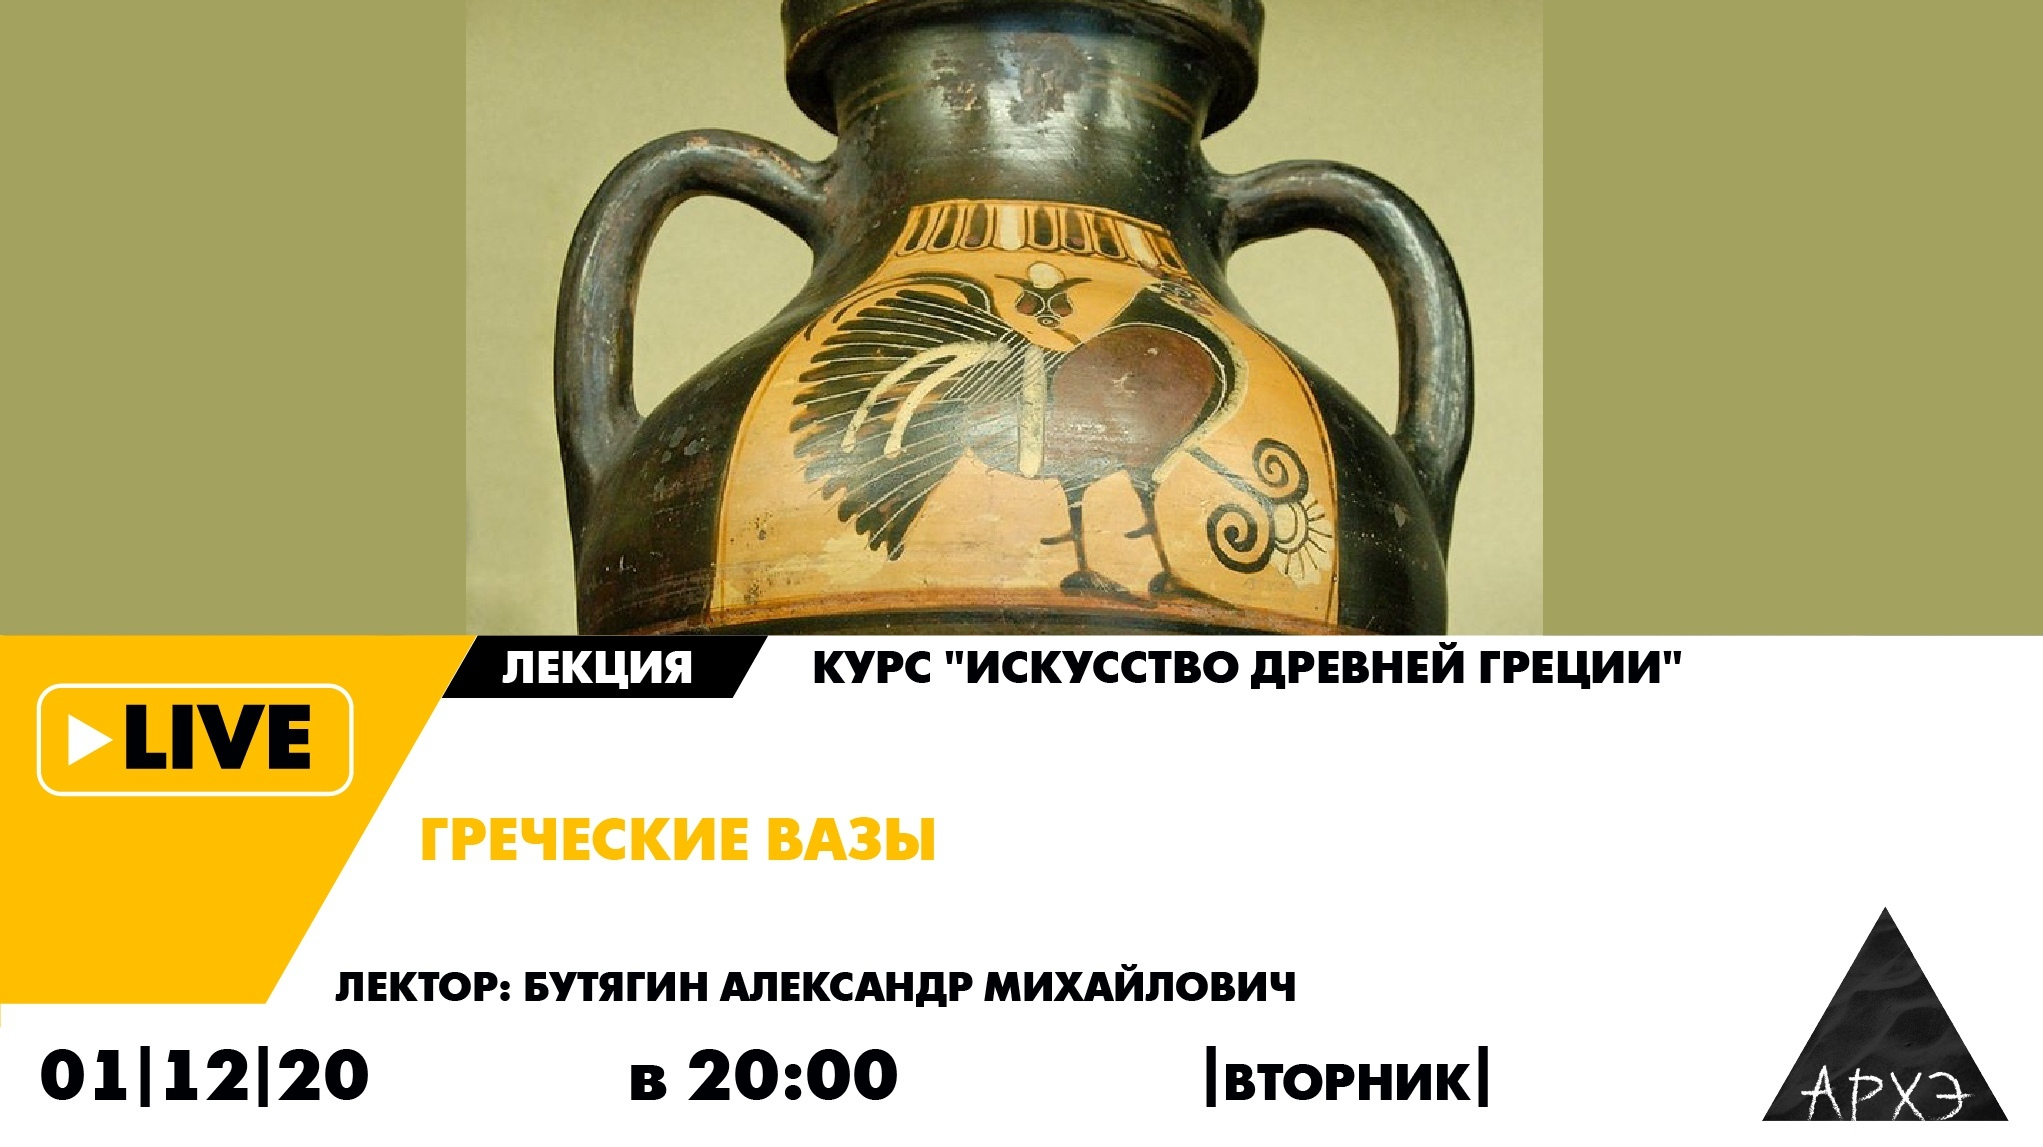 Греческие вазы— во вторник